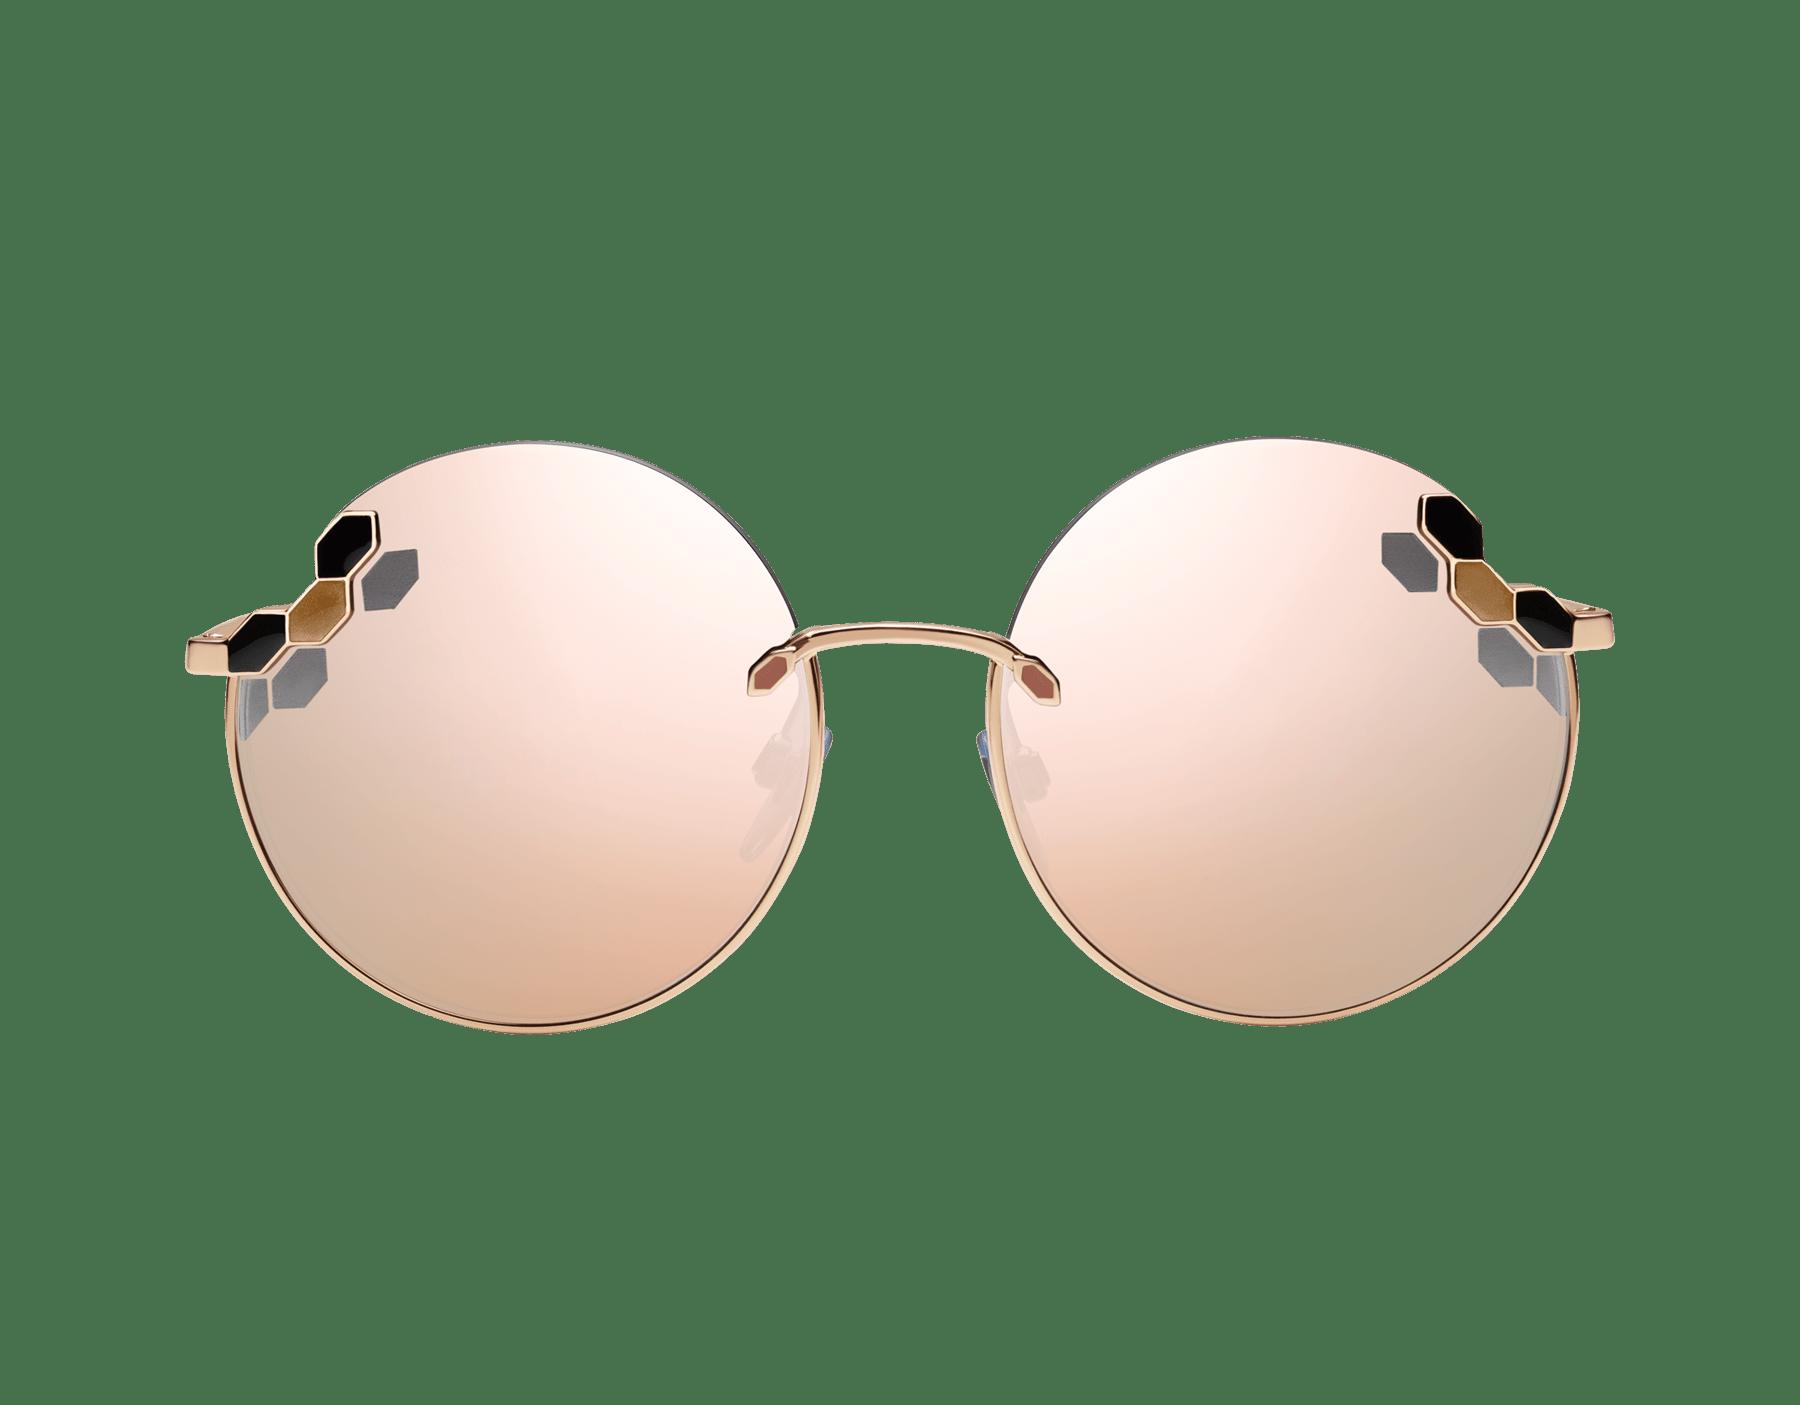 Bvlgari Serpenti Poisaround oversized round sunglasses. 903808 image 2